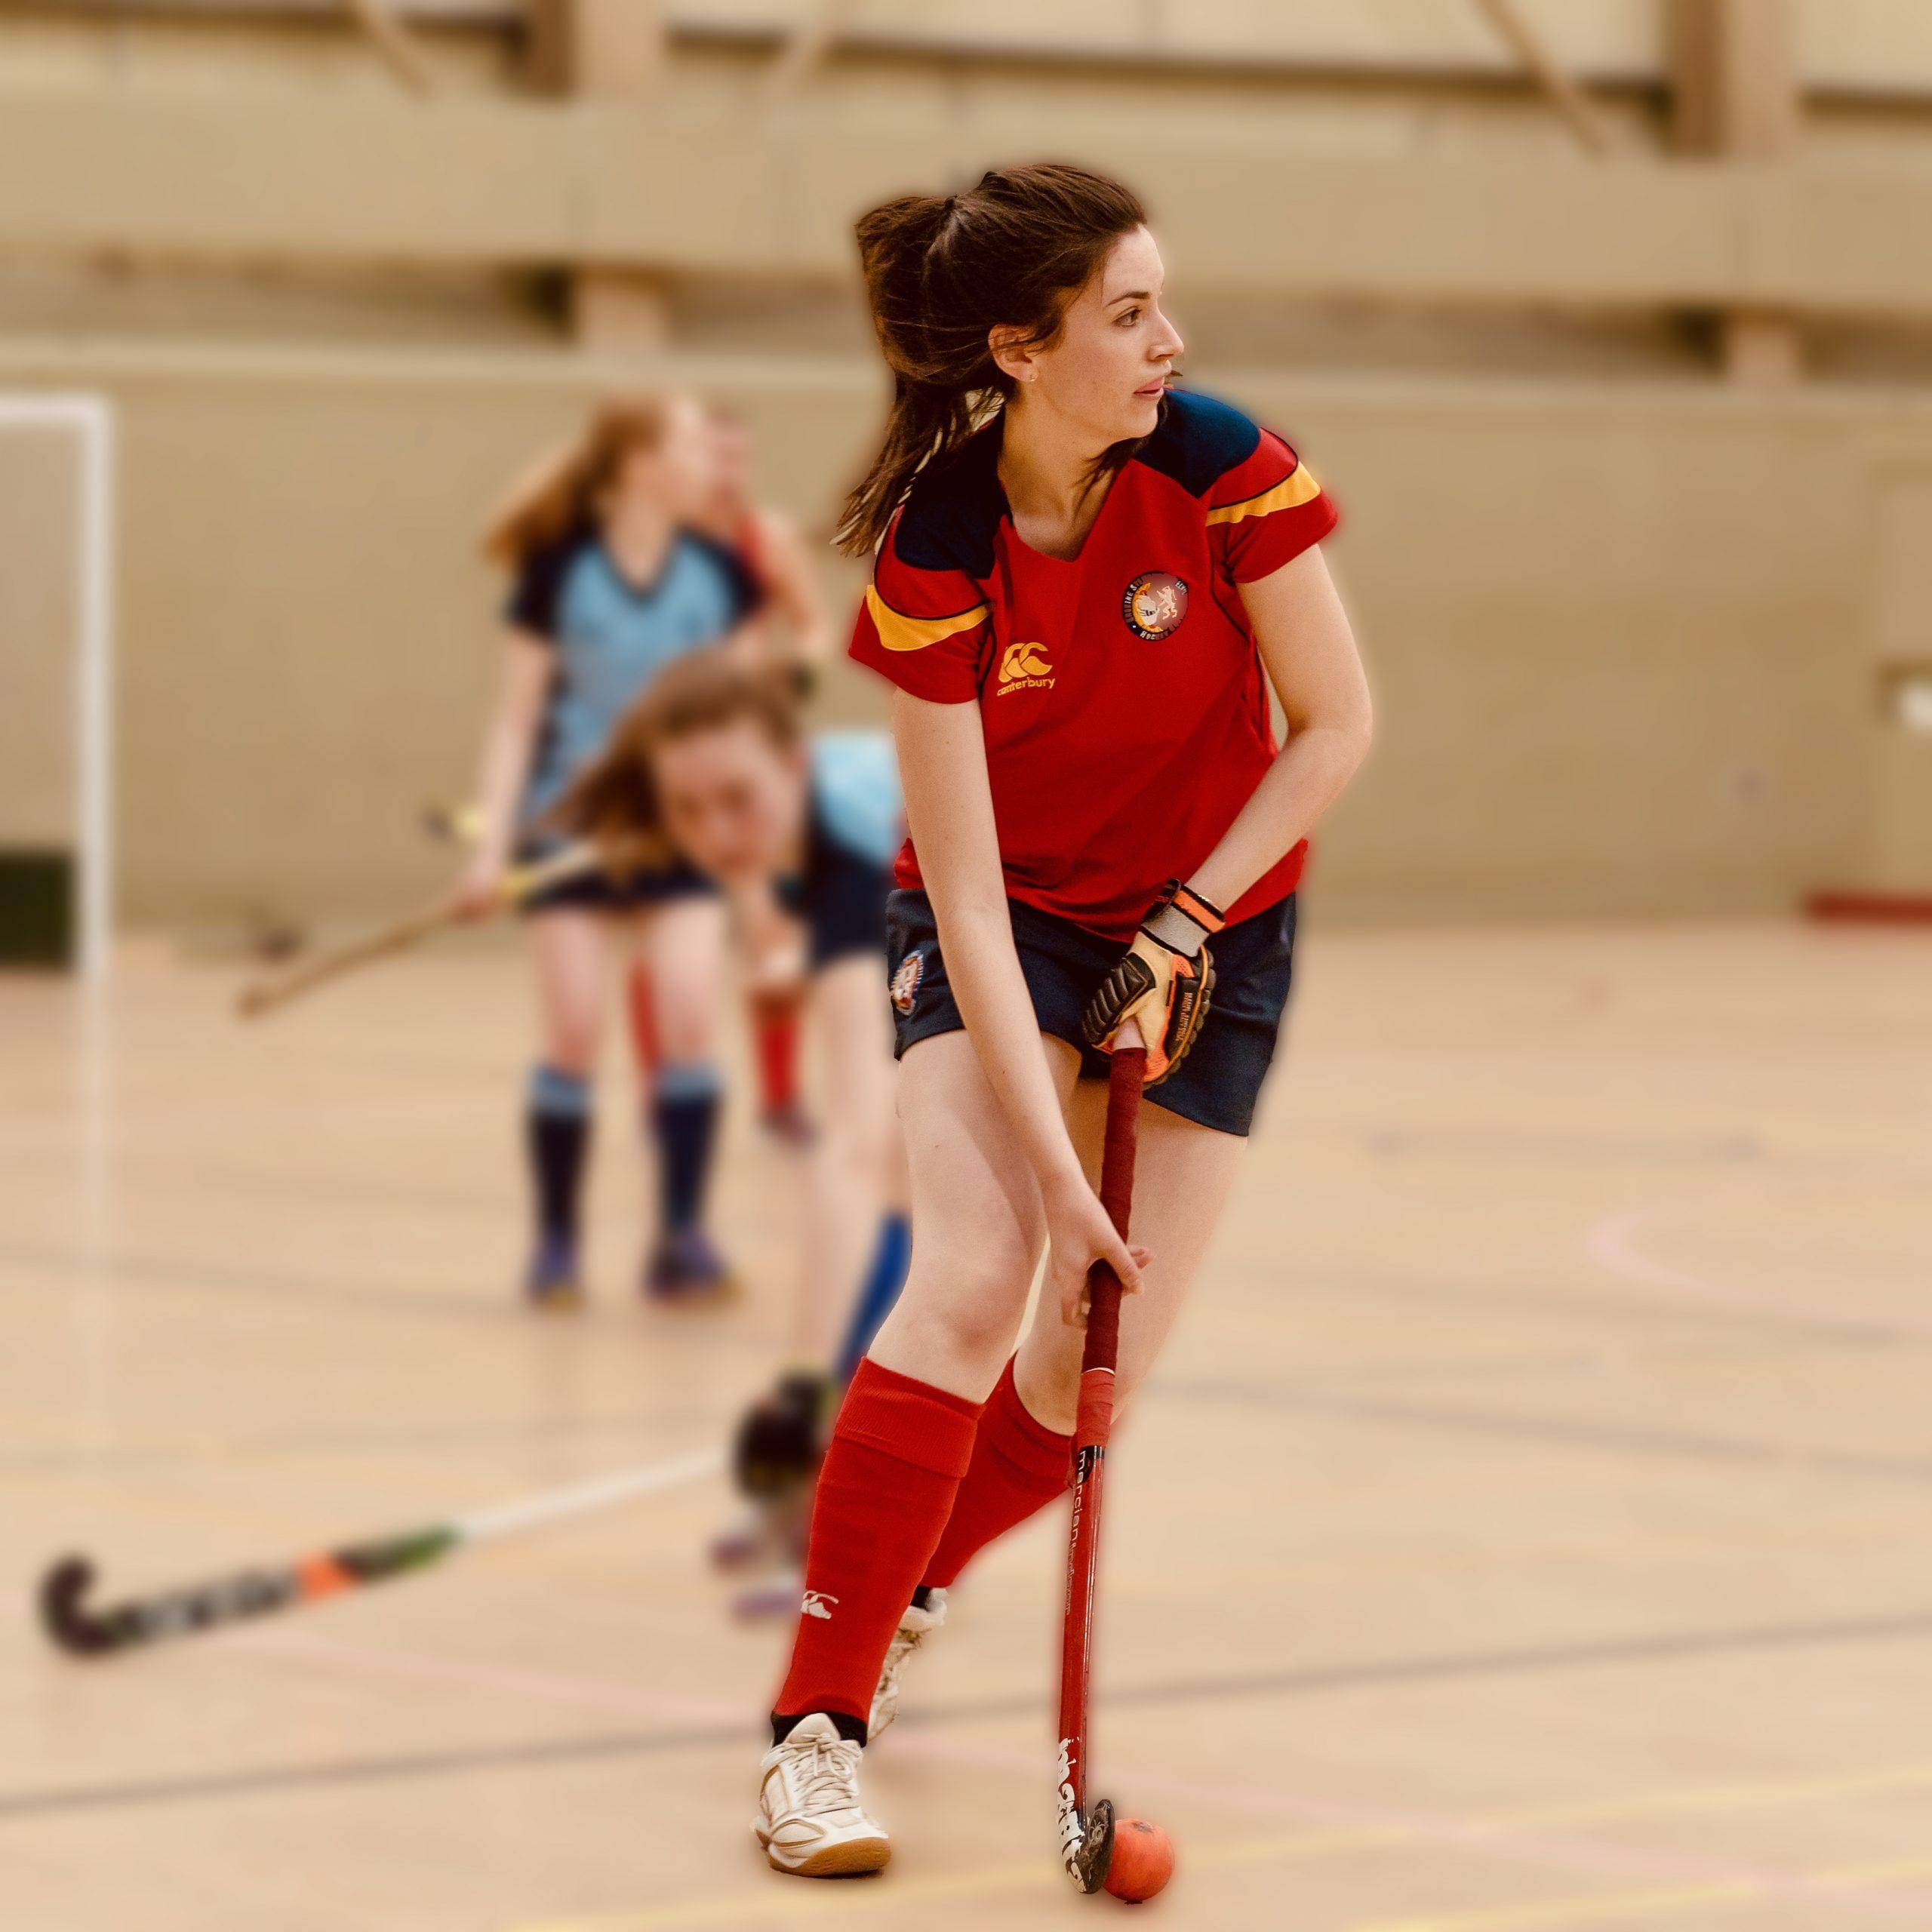 Women's indoor hockey 2020 - ESM Hockey Club, Edinburgh